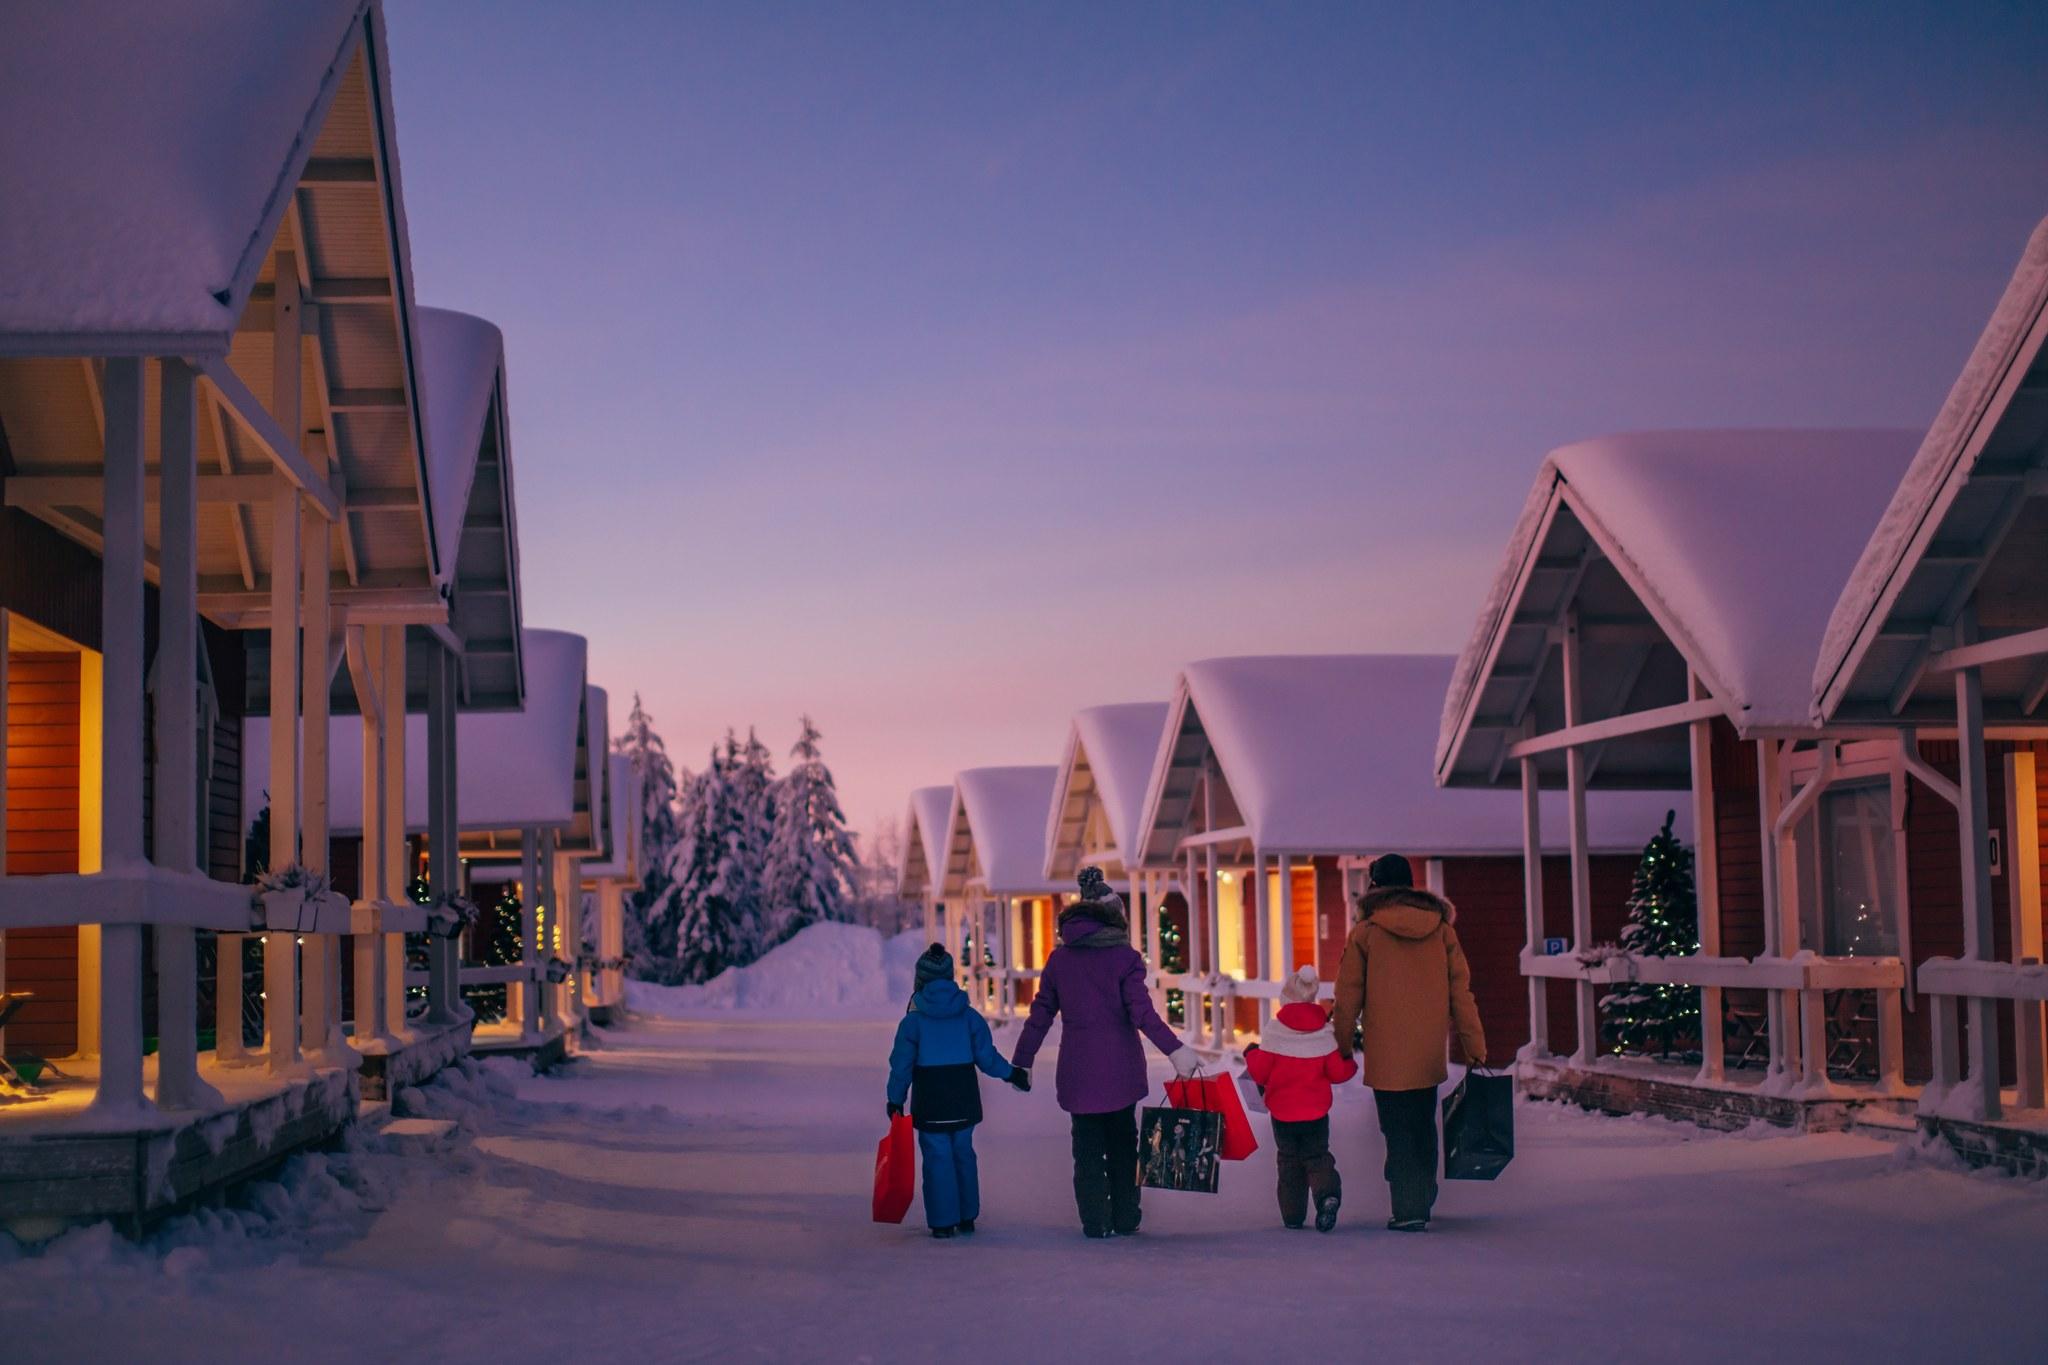 Santa Claus Holiday Village in Rovaniemi Lapland Finland